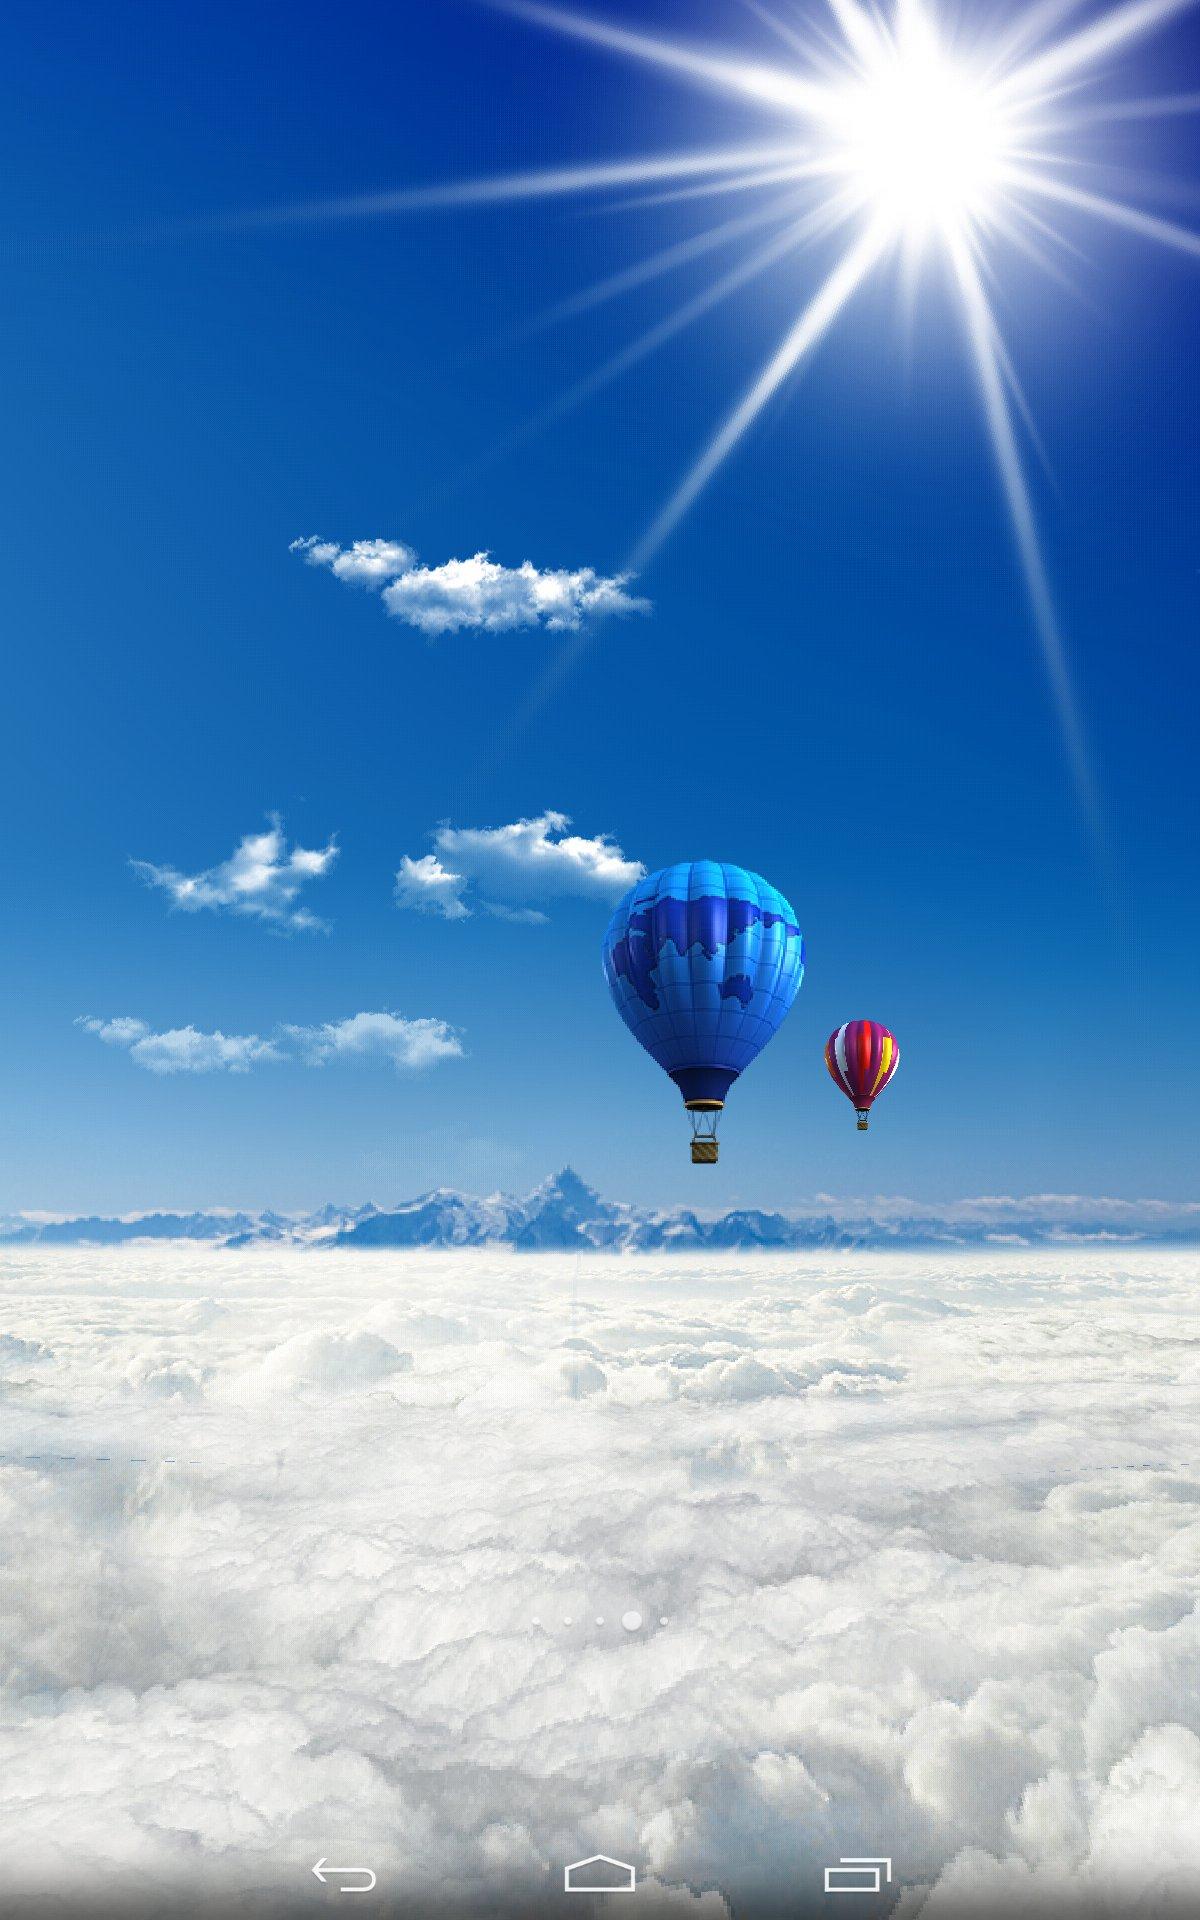 蓝色天空3d动态壁纸下载